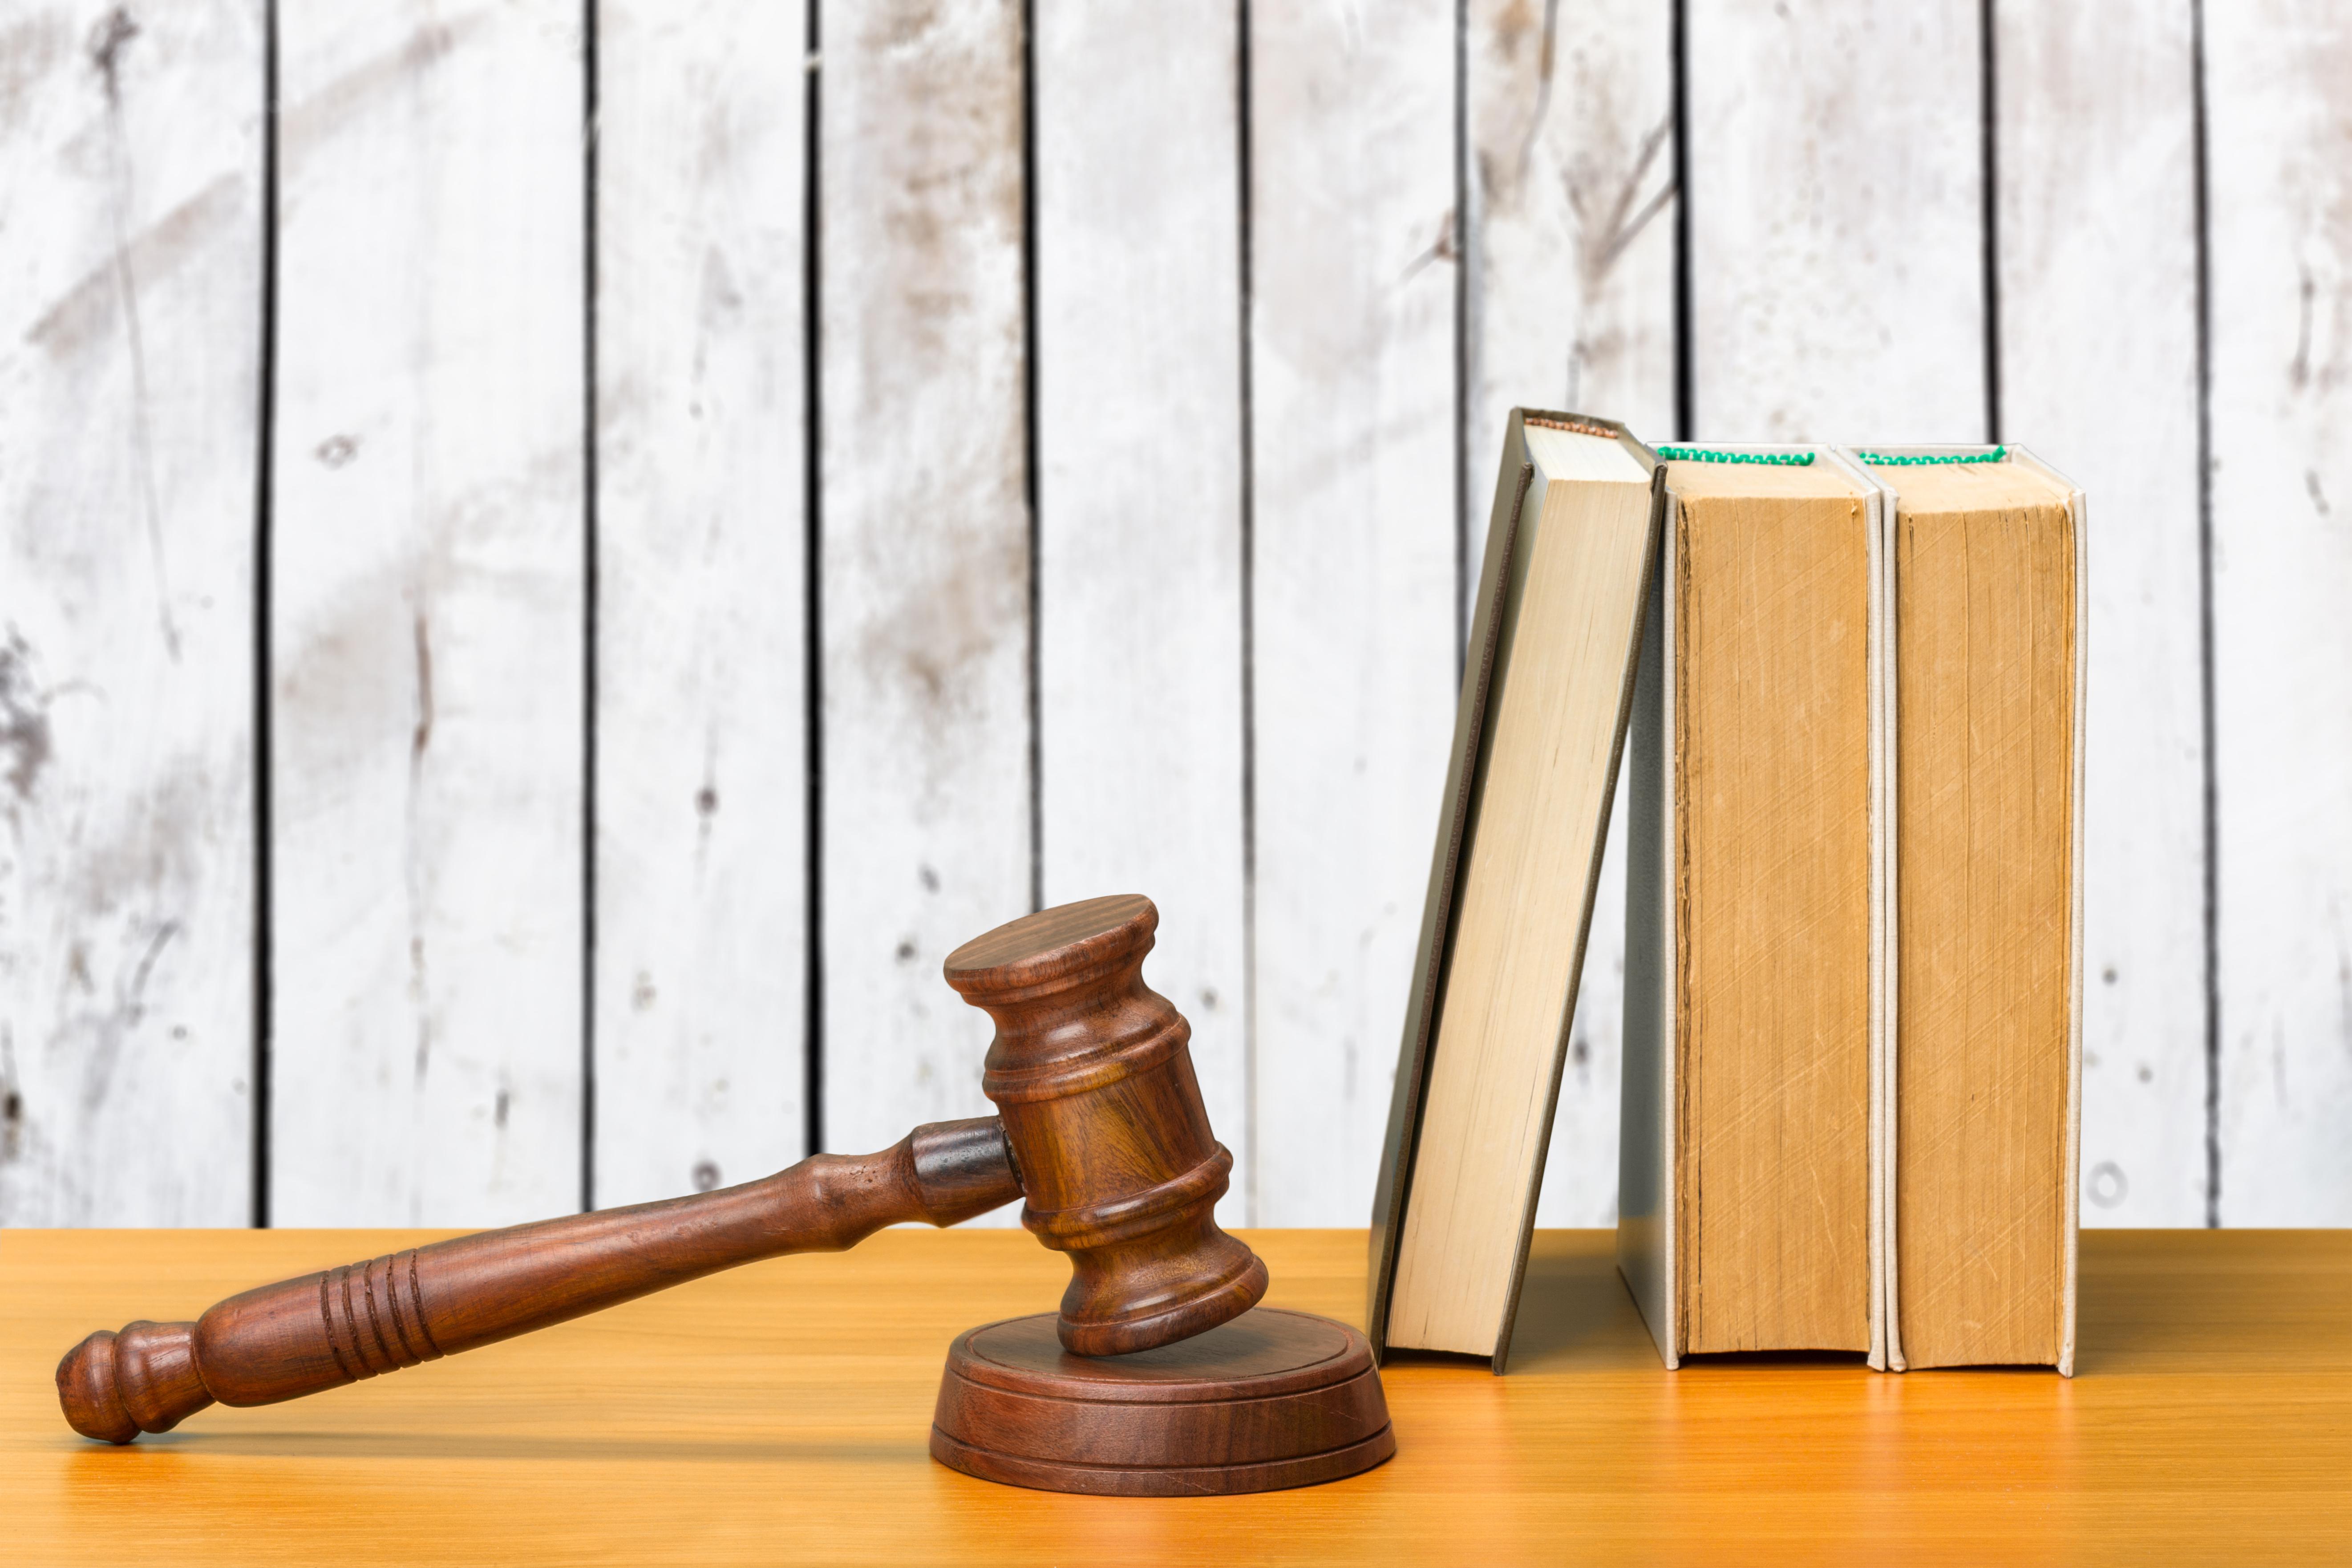 M.Kasım Dağlı Borçlar Hukuku Ders Notu. Tam 164 sayfa ve tüm konuları kapsıyor. Neredeyse bir Borçlar Hukuku kitabı kadar iyi. Hukuk Sebili aracılığı ile.